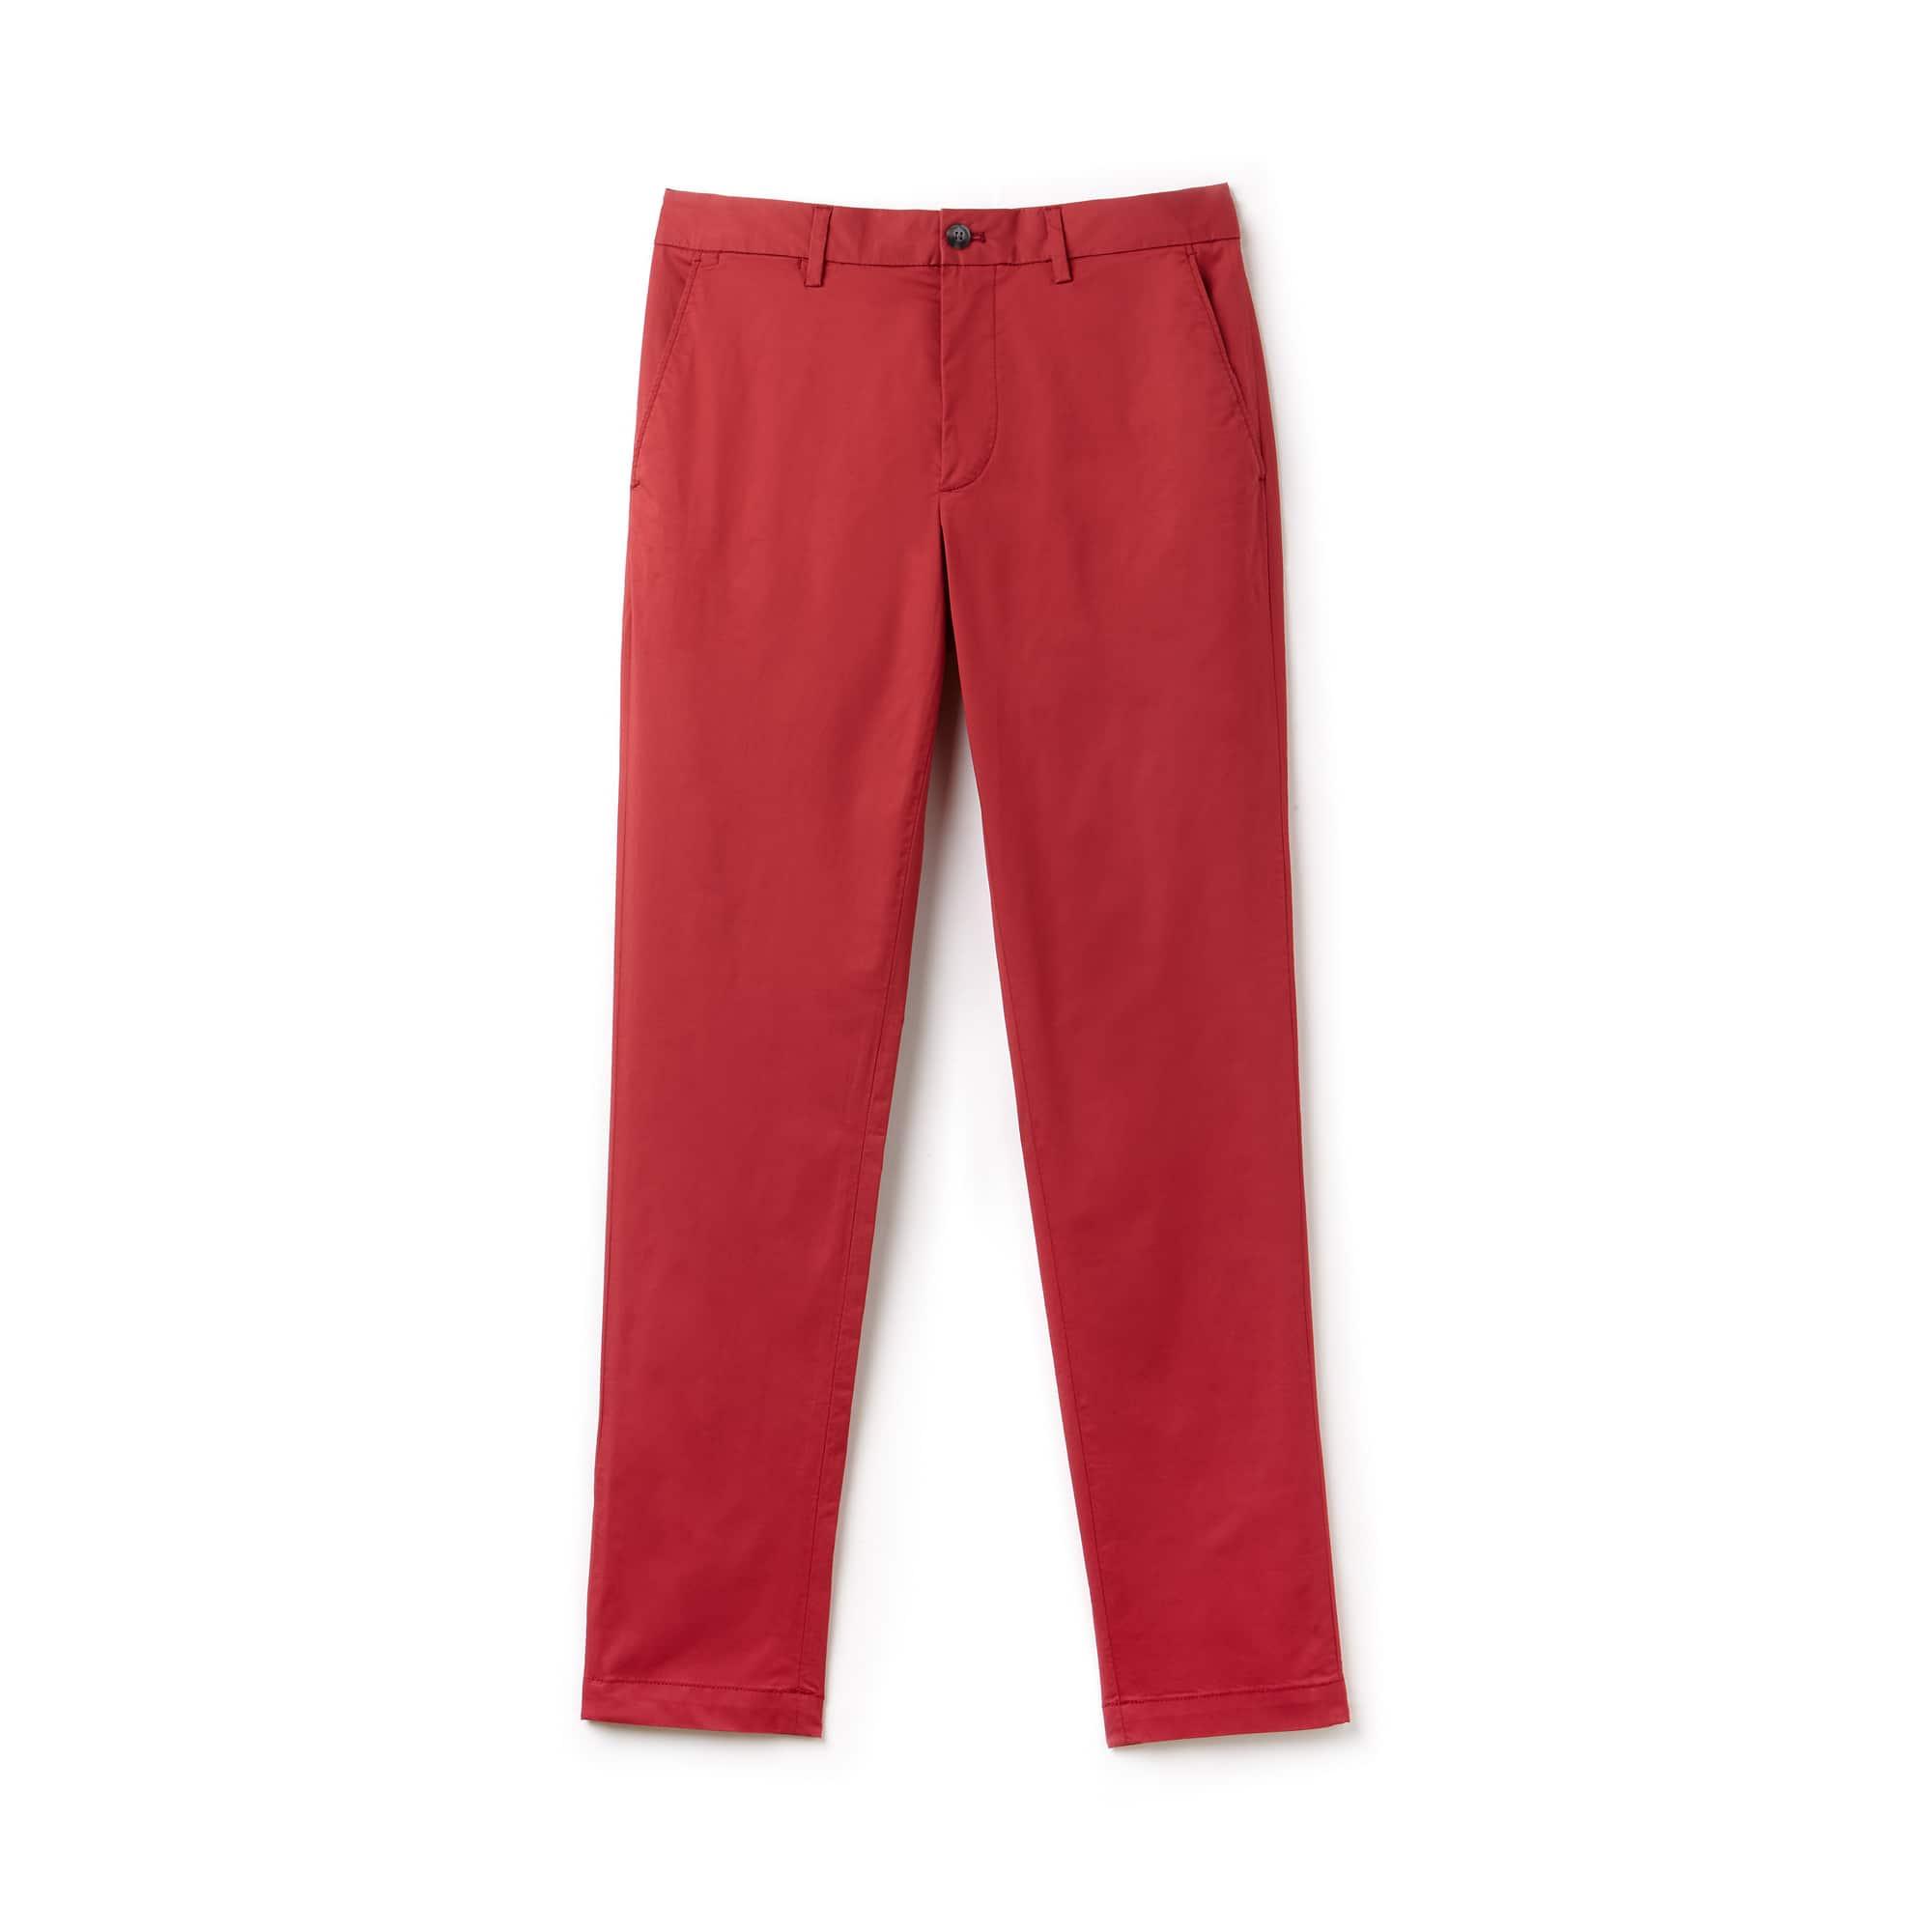 Calças chino slim fit em gabardina stretch unicolor